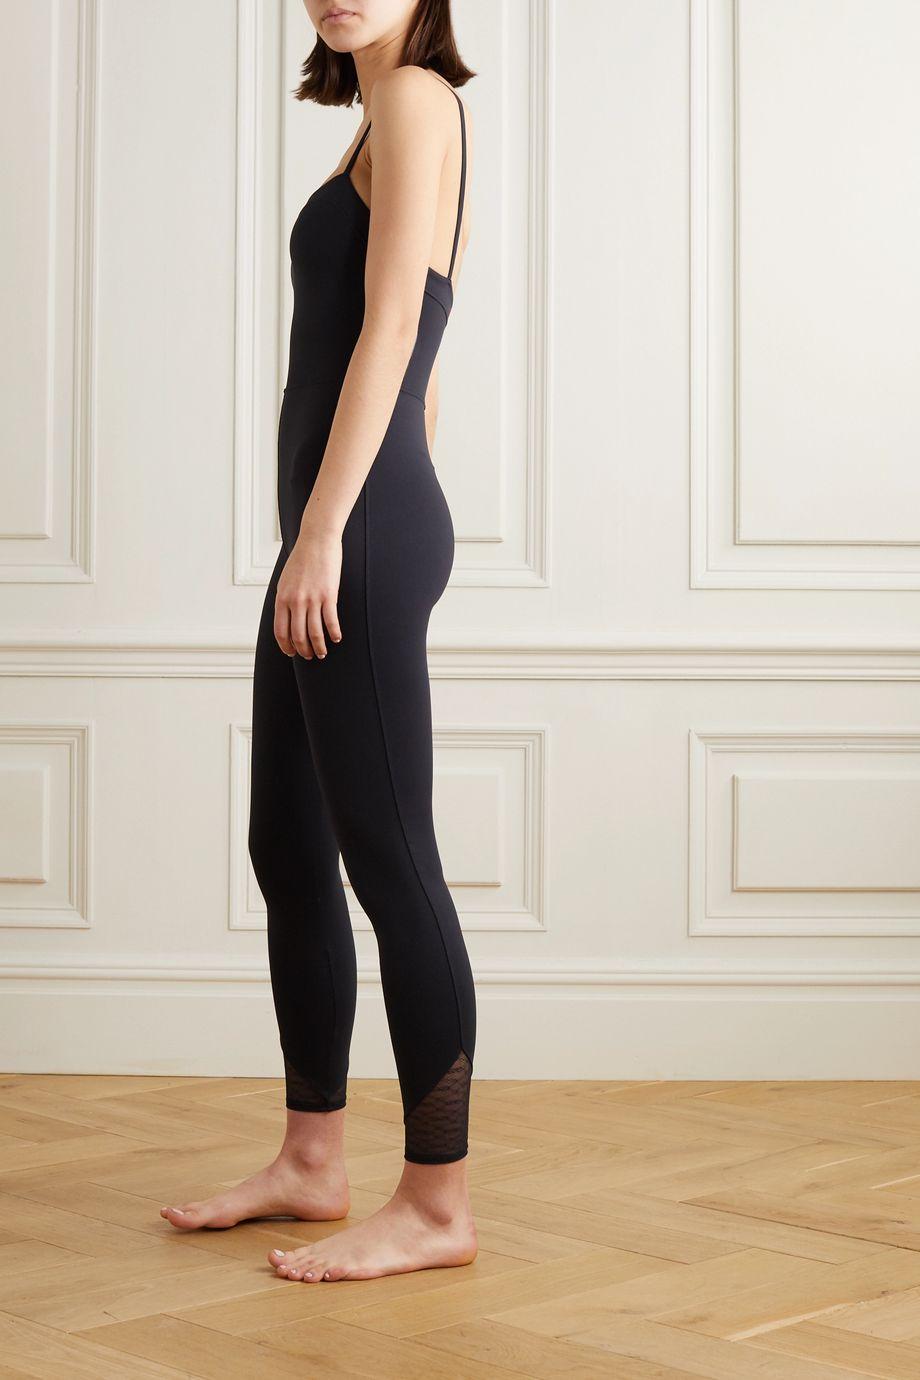 Eres Calais lace-trimmed stretch jumpsuit